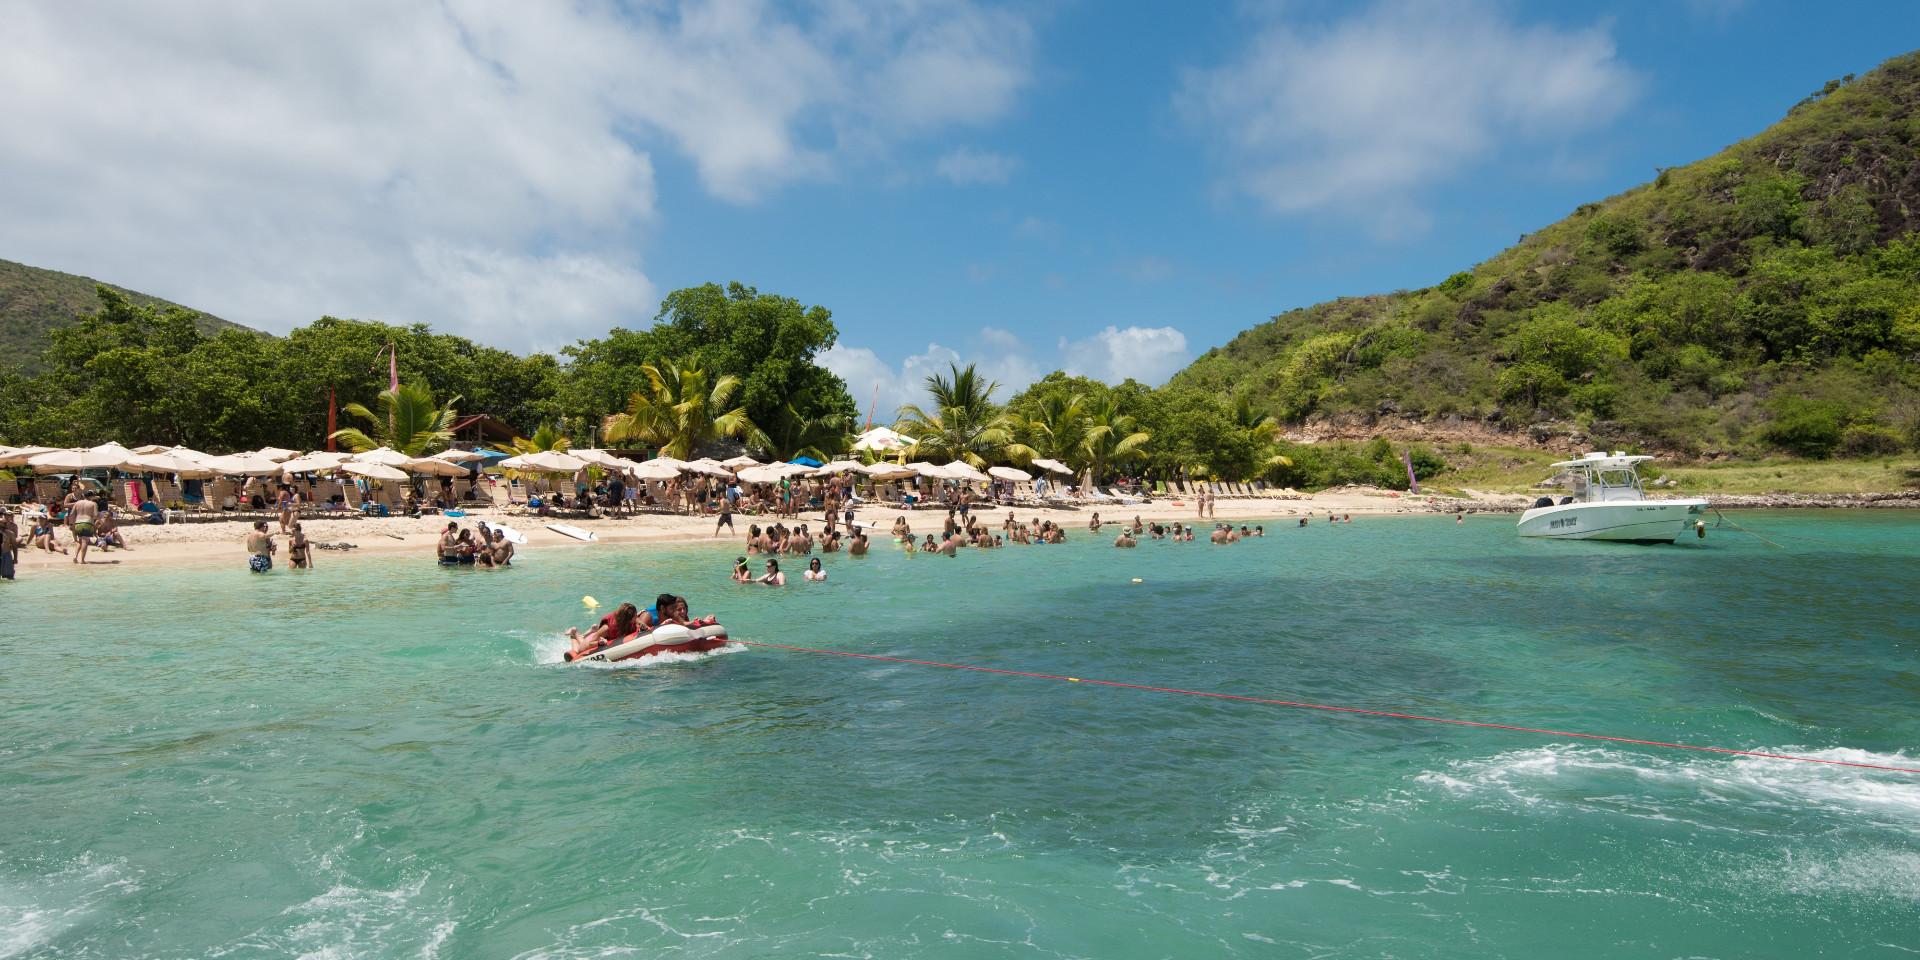 Beach Scene in St Kitts